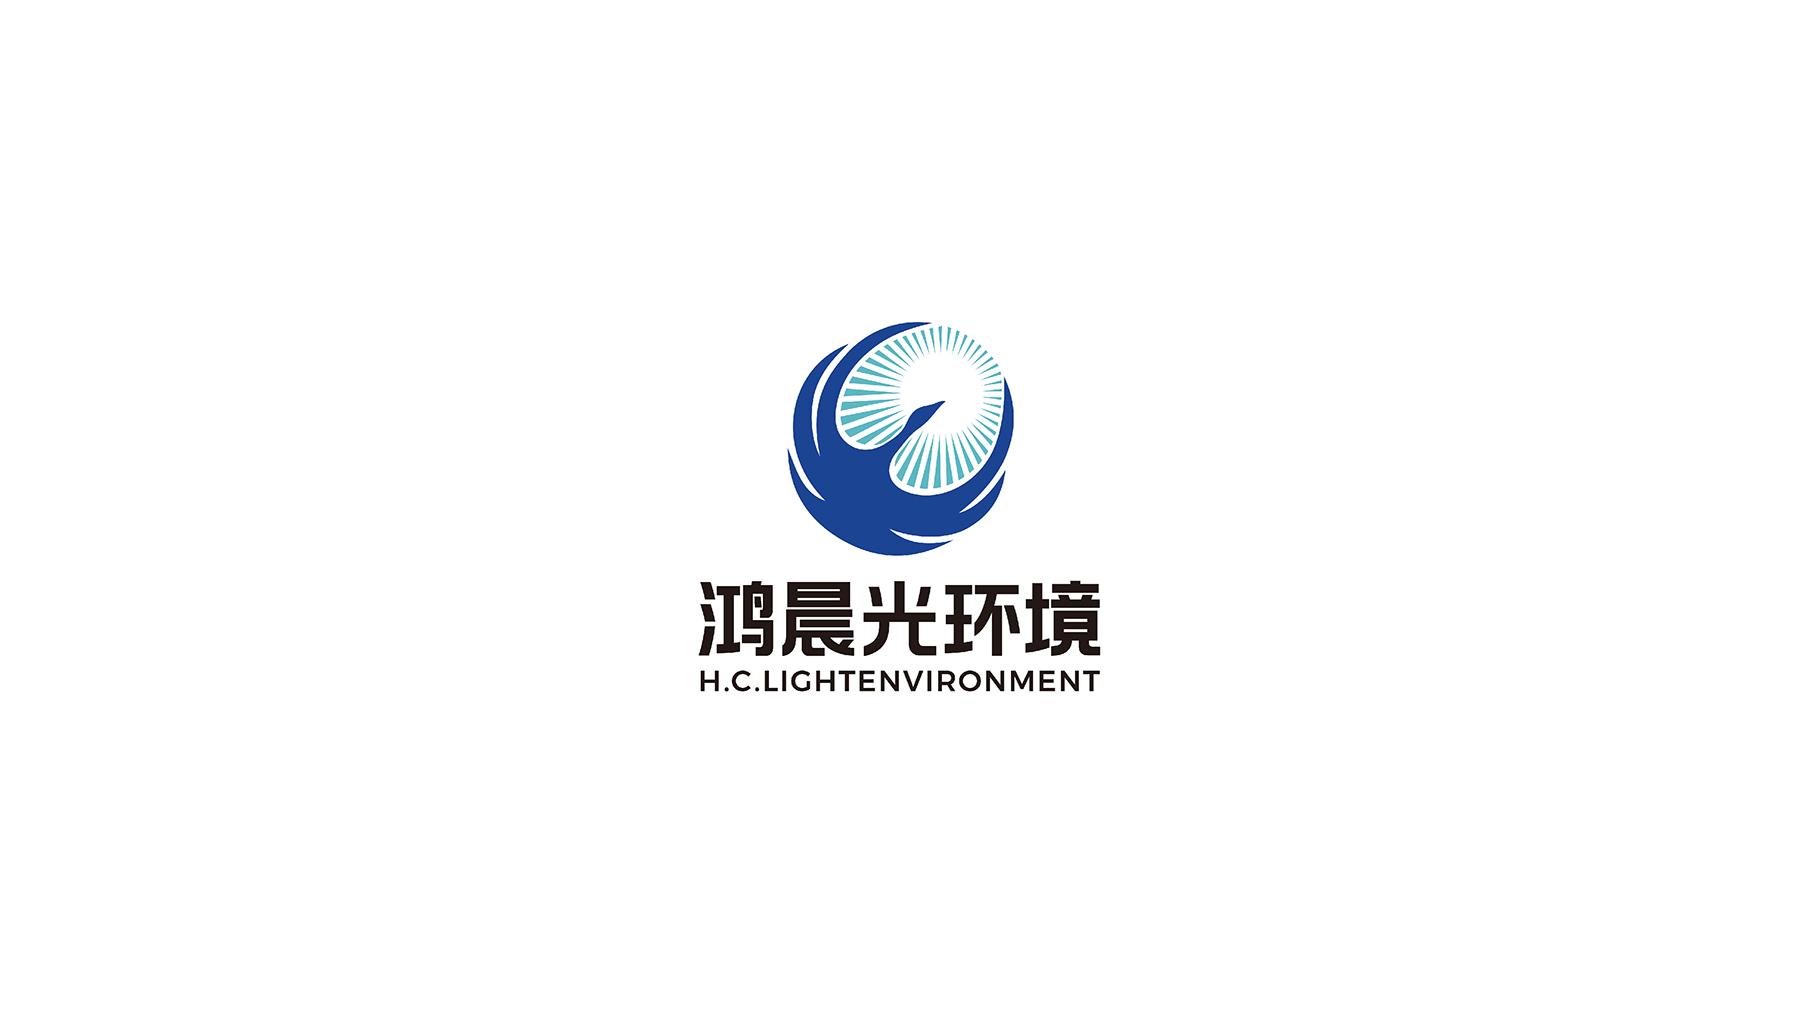 西安专业企业logo设计哪家好